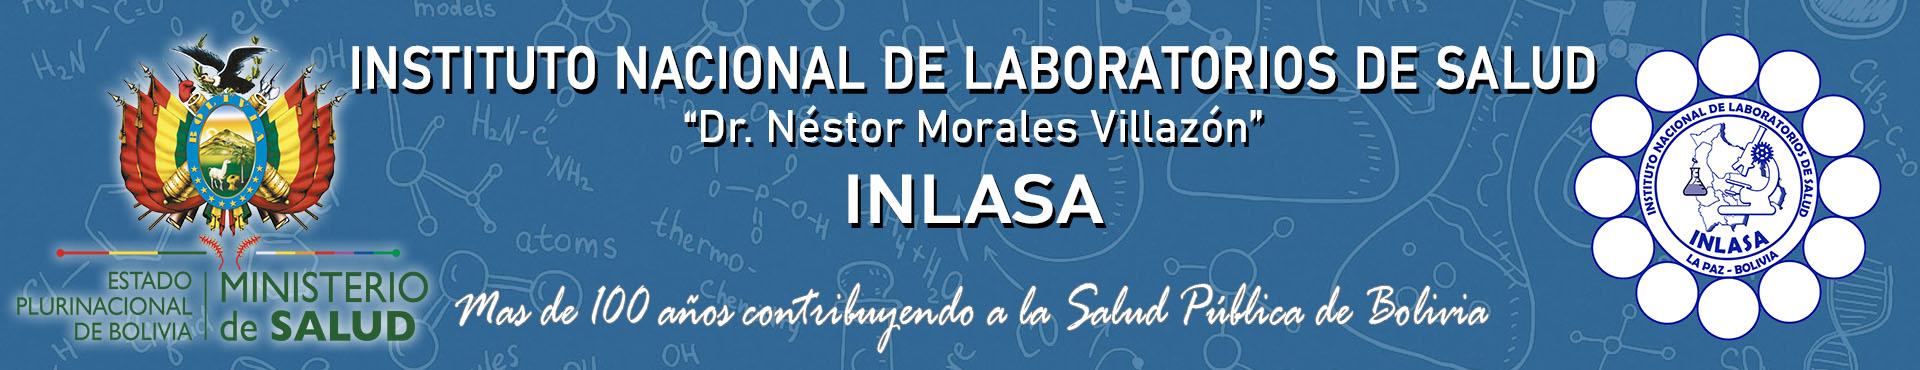 INLASA | Instituto Nacional de Laboratorios de Salud